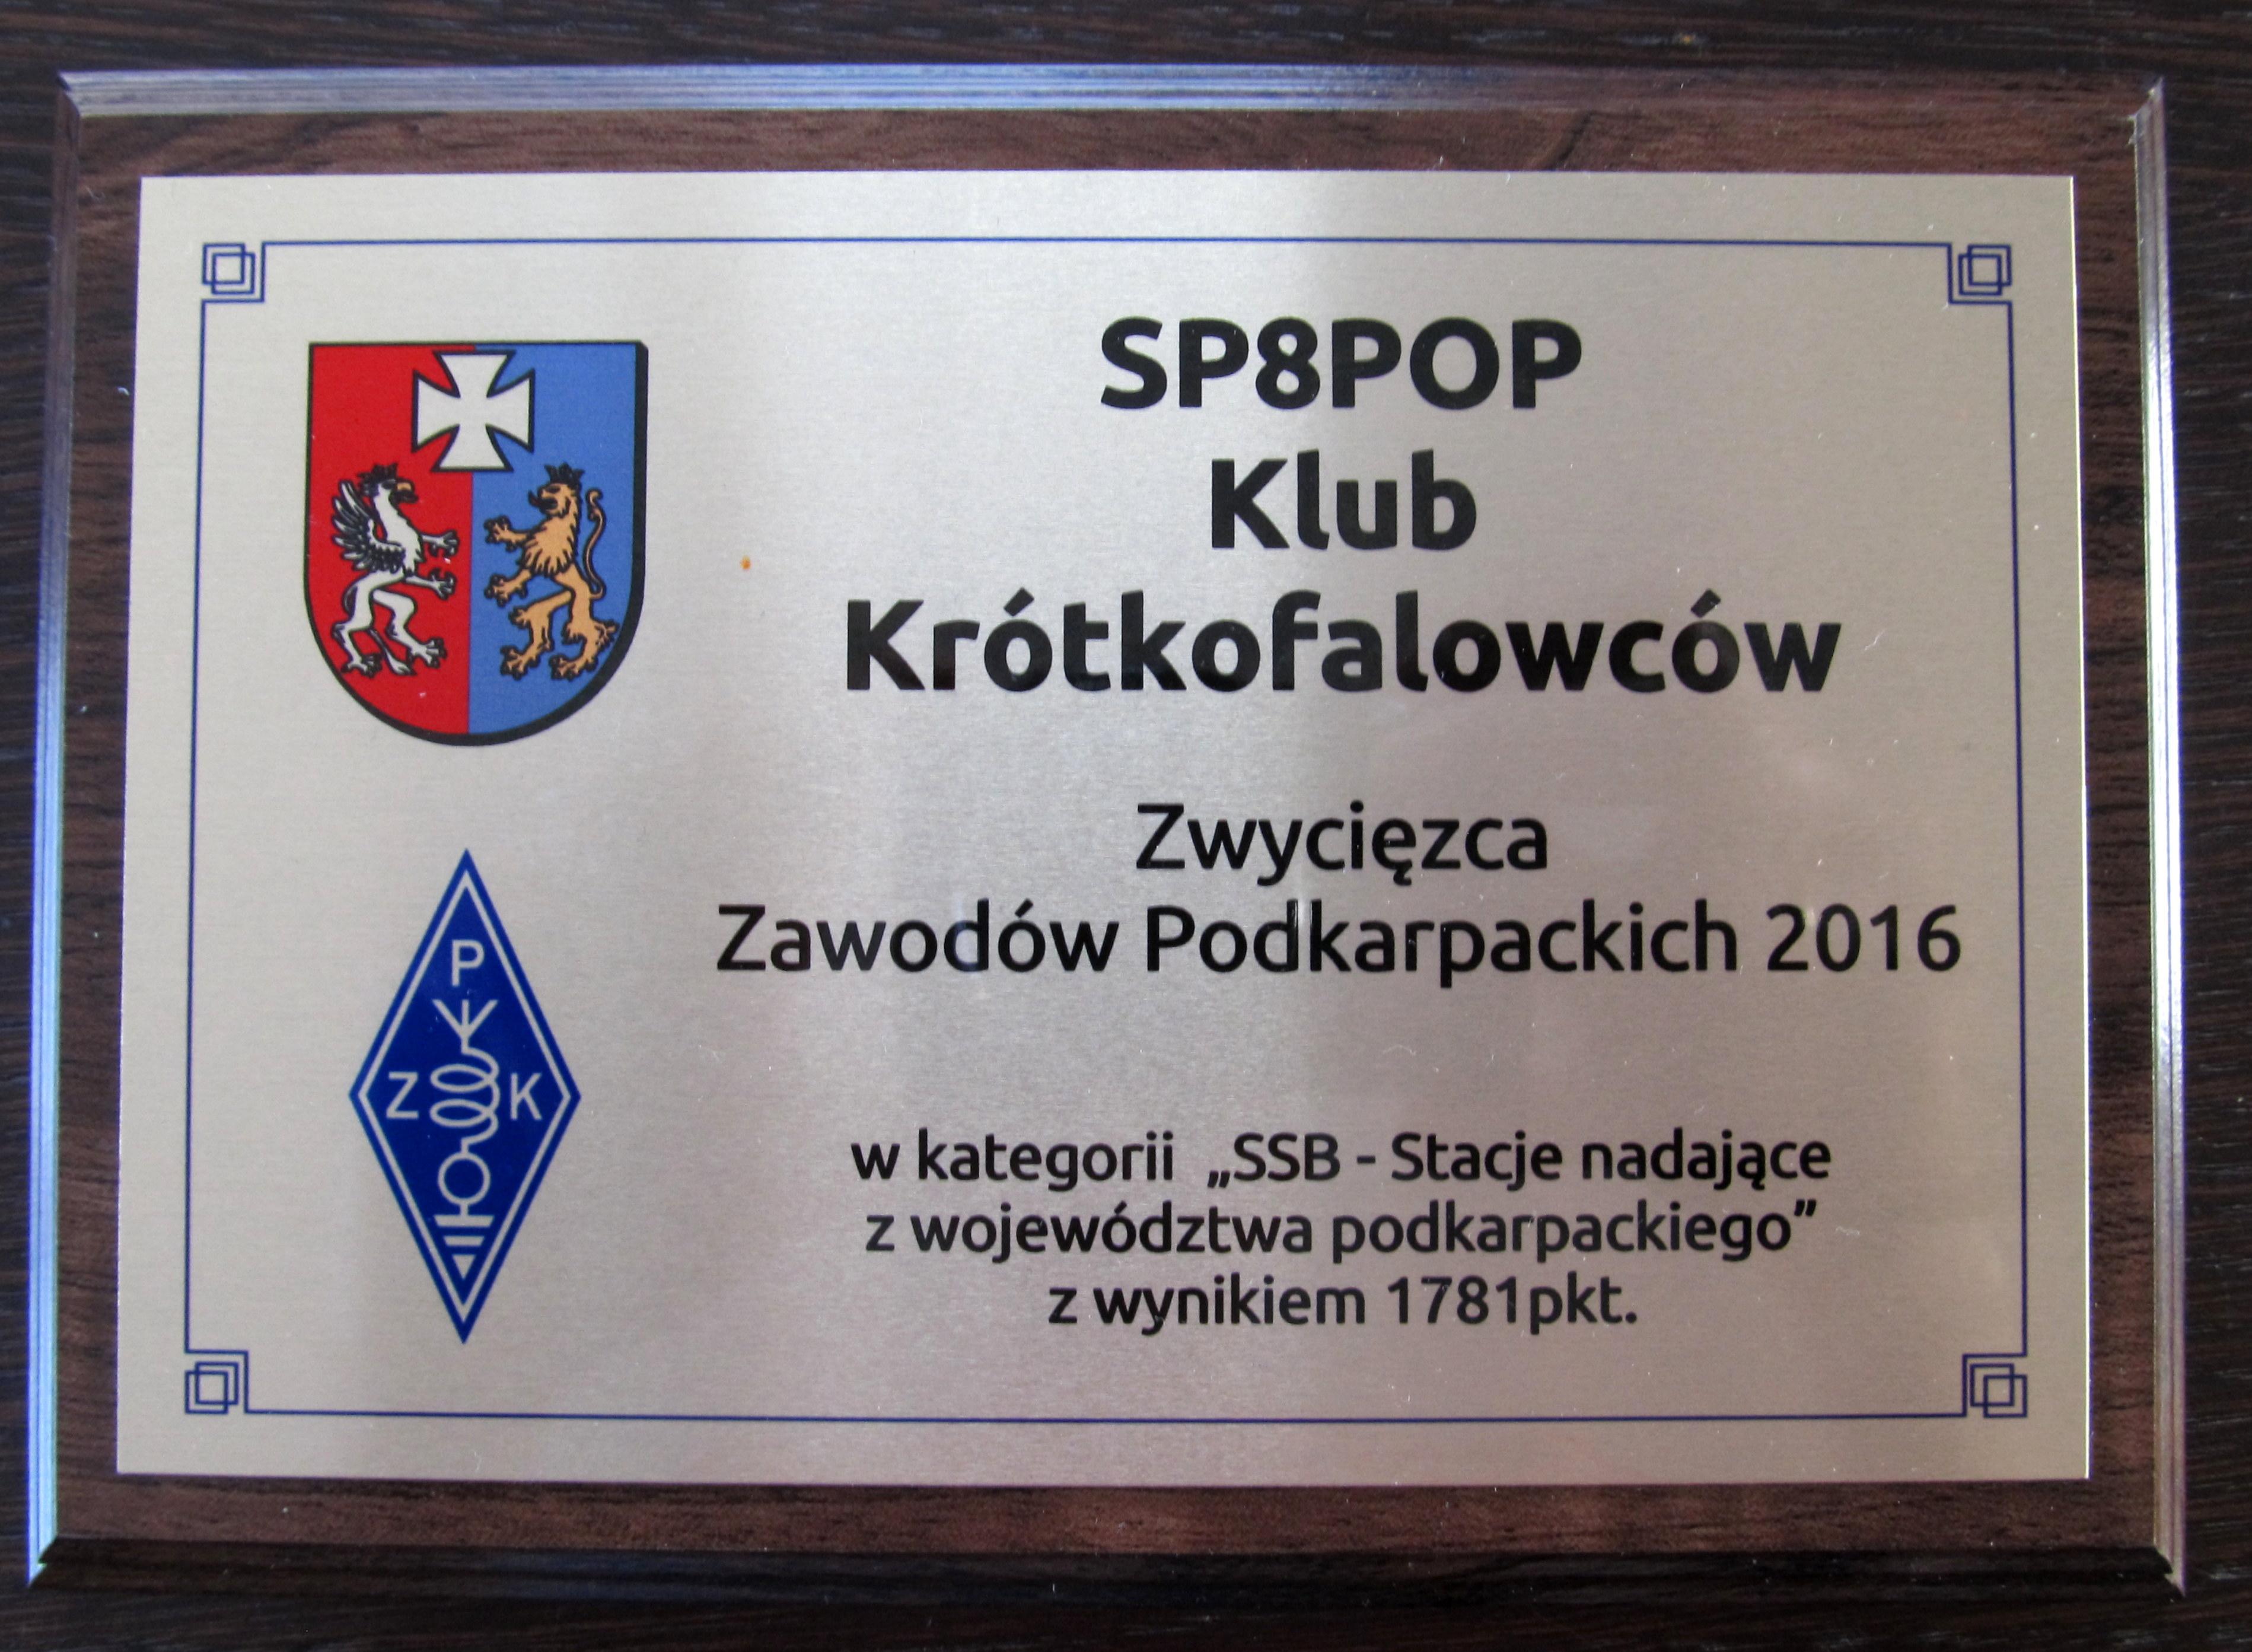 SP8POP - Zwycięzca Zawodów Podkarpackich 2016